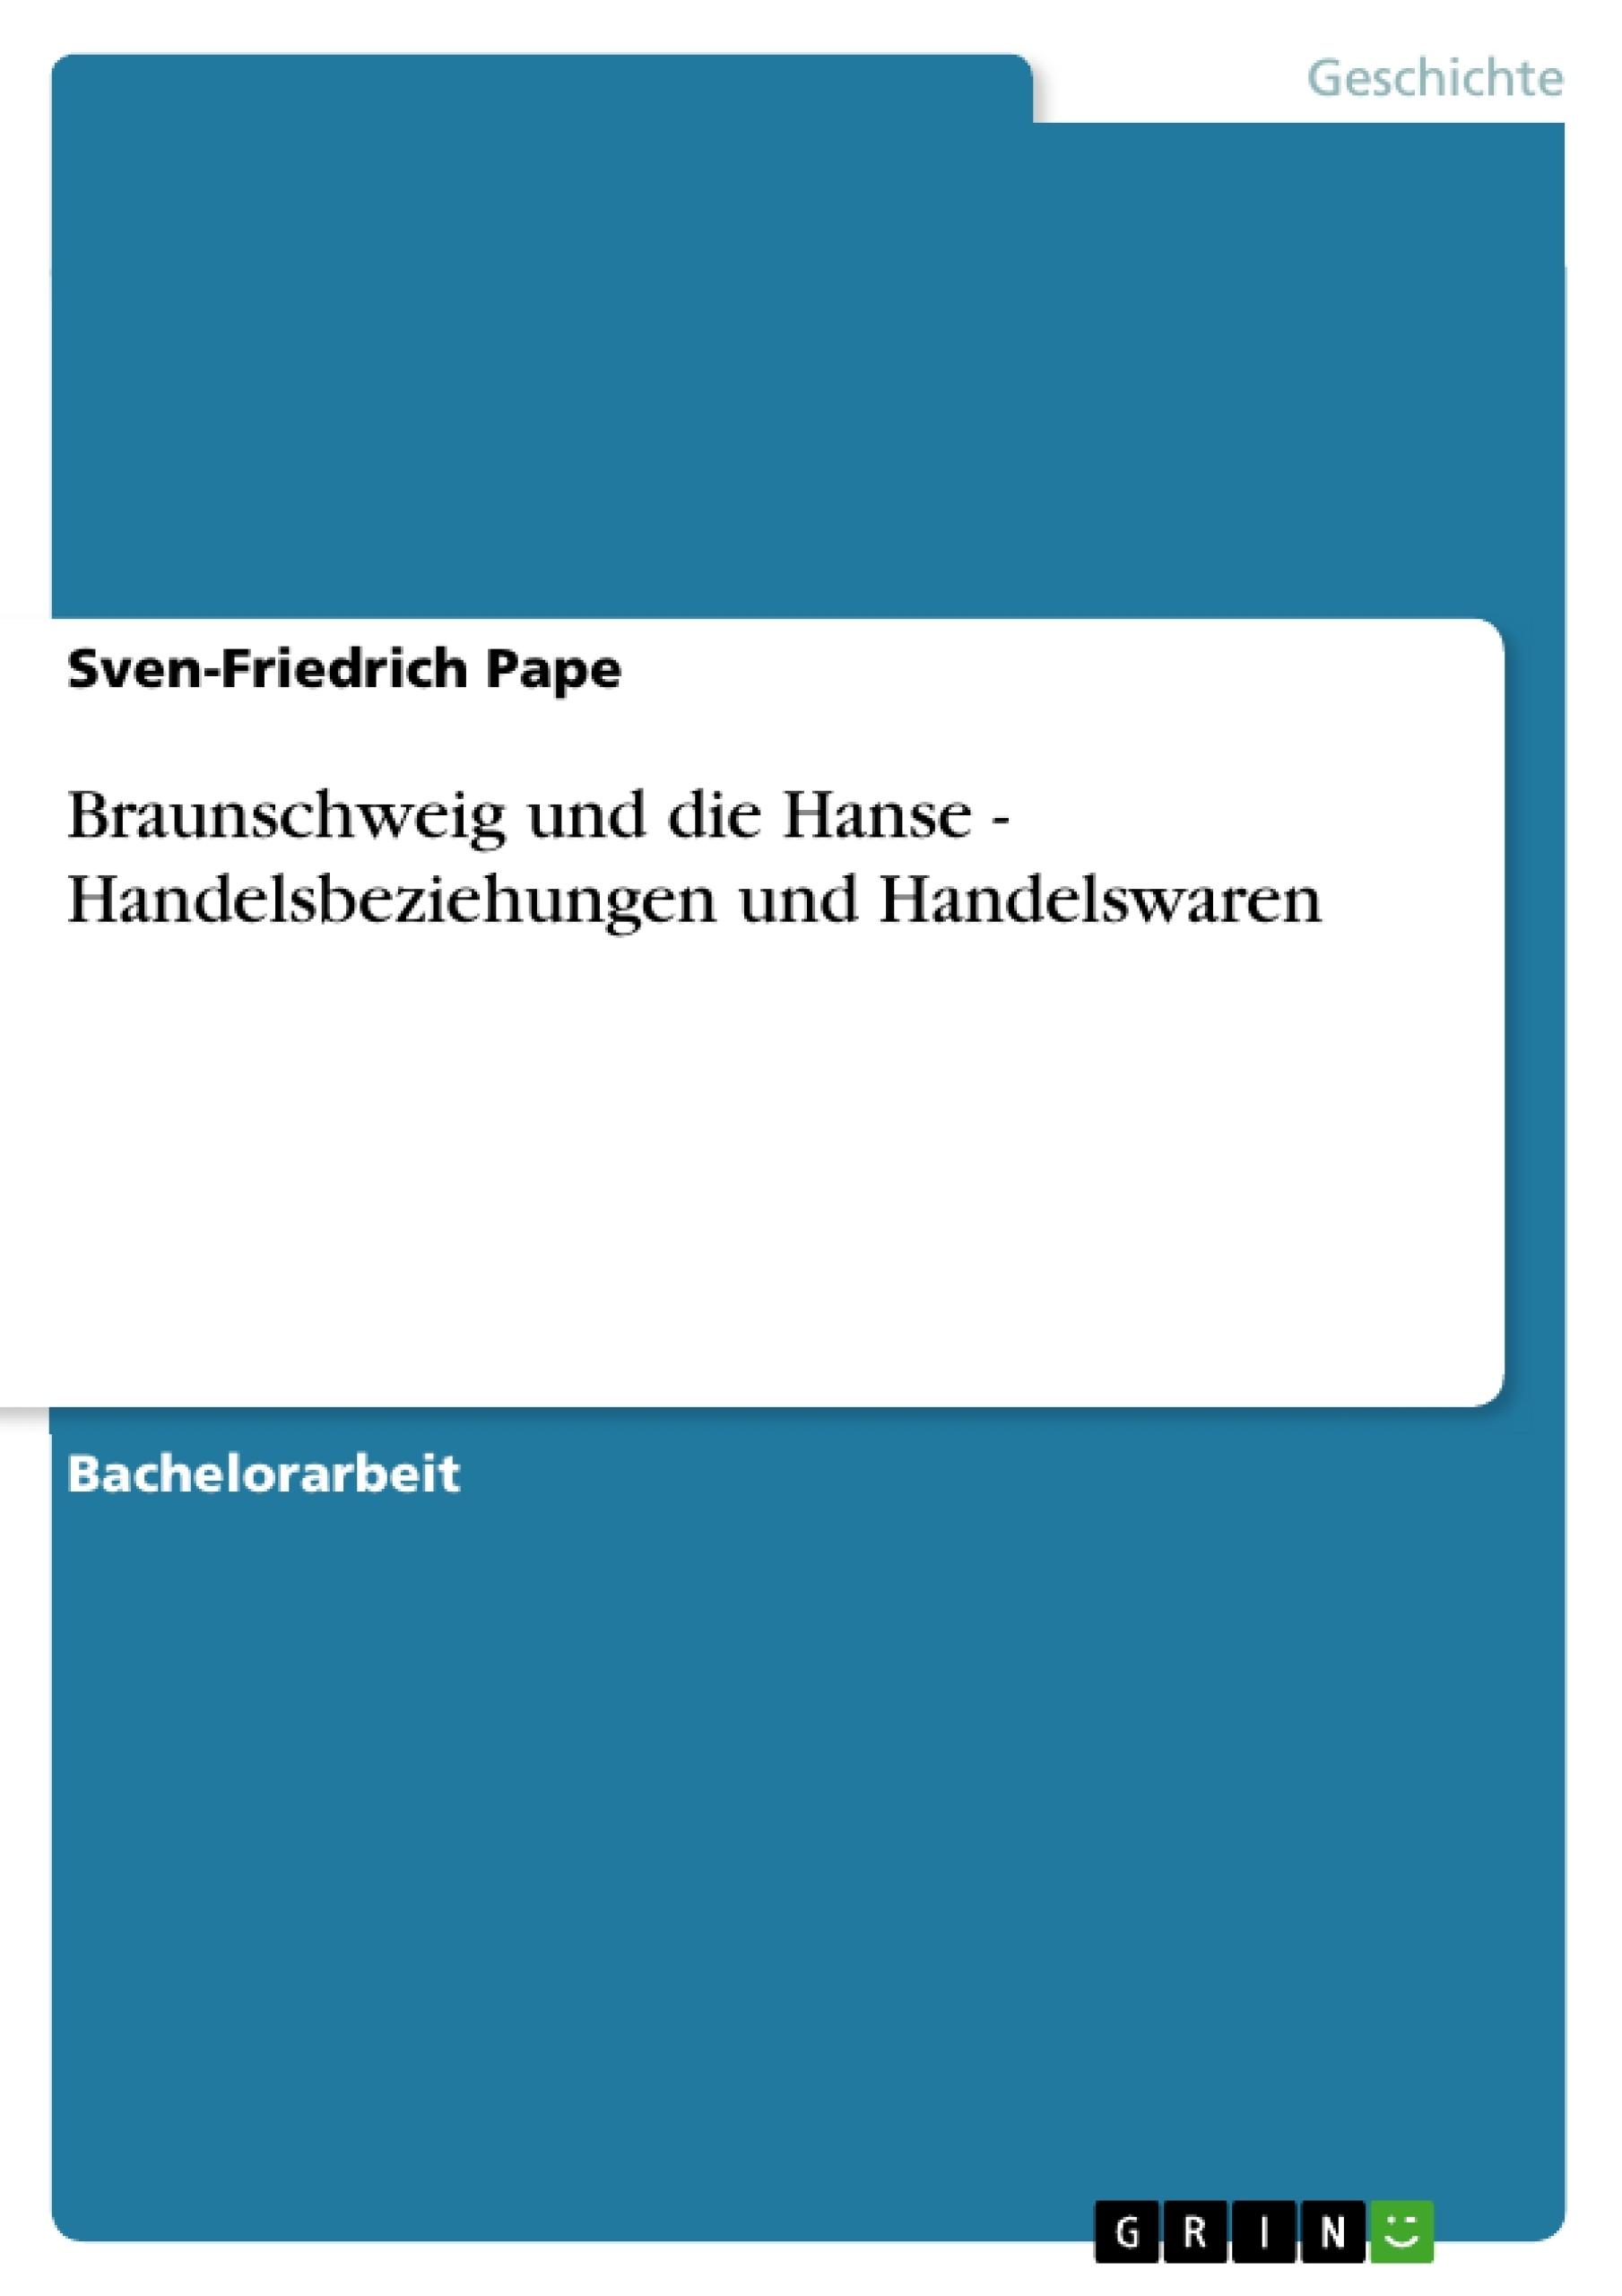 Titel: Braunschweig und die Hanse - Handelsbeziehungen und Handelswaren